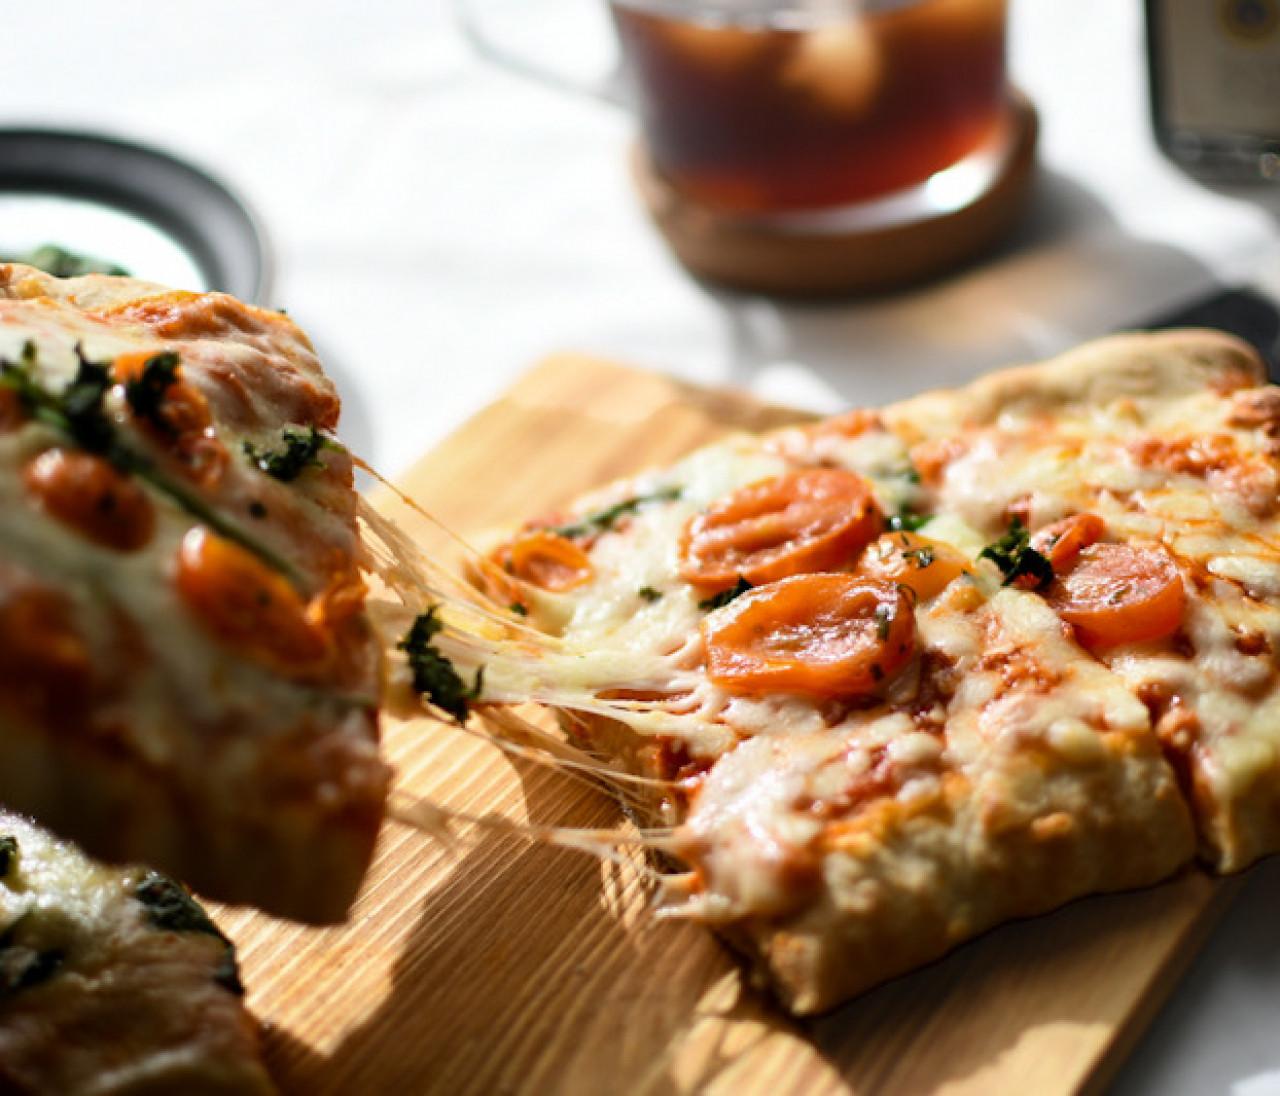 【成城石井の石窯薪焼きピッツァ】399円の 大人気冷凍ピザに長方形が登場。簡単&美味の加速ぶりをレビュー!